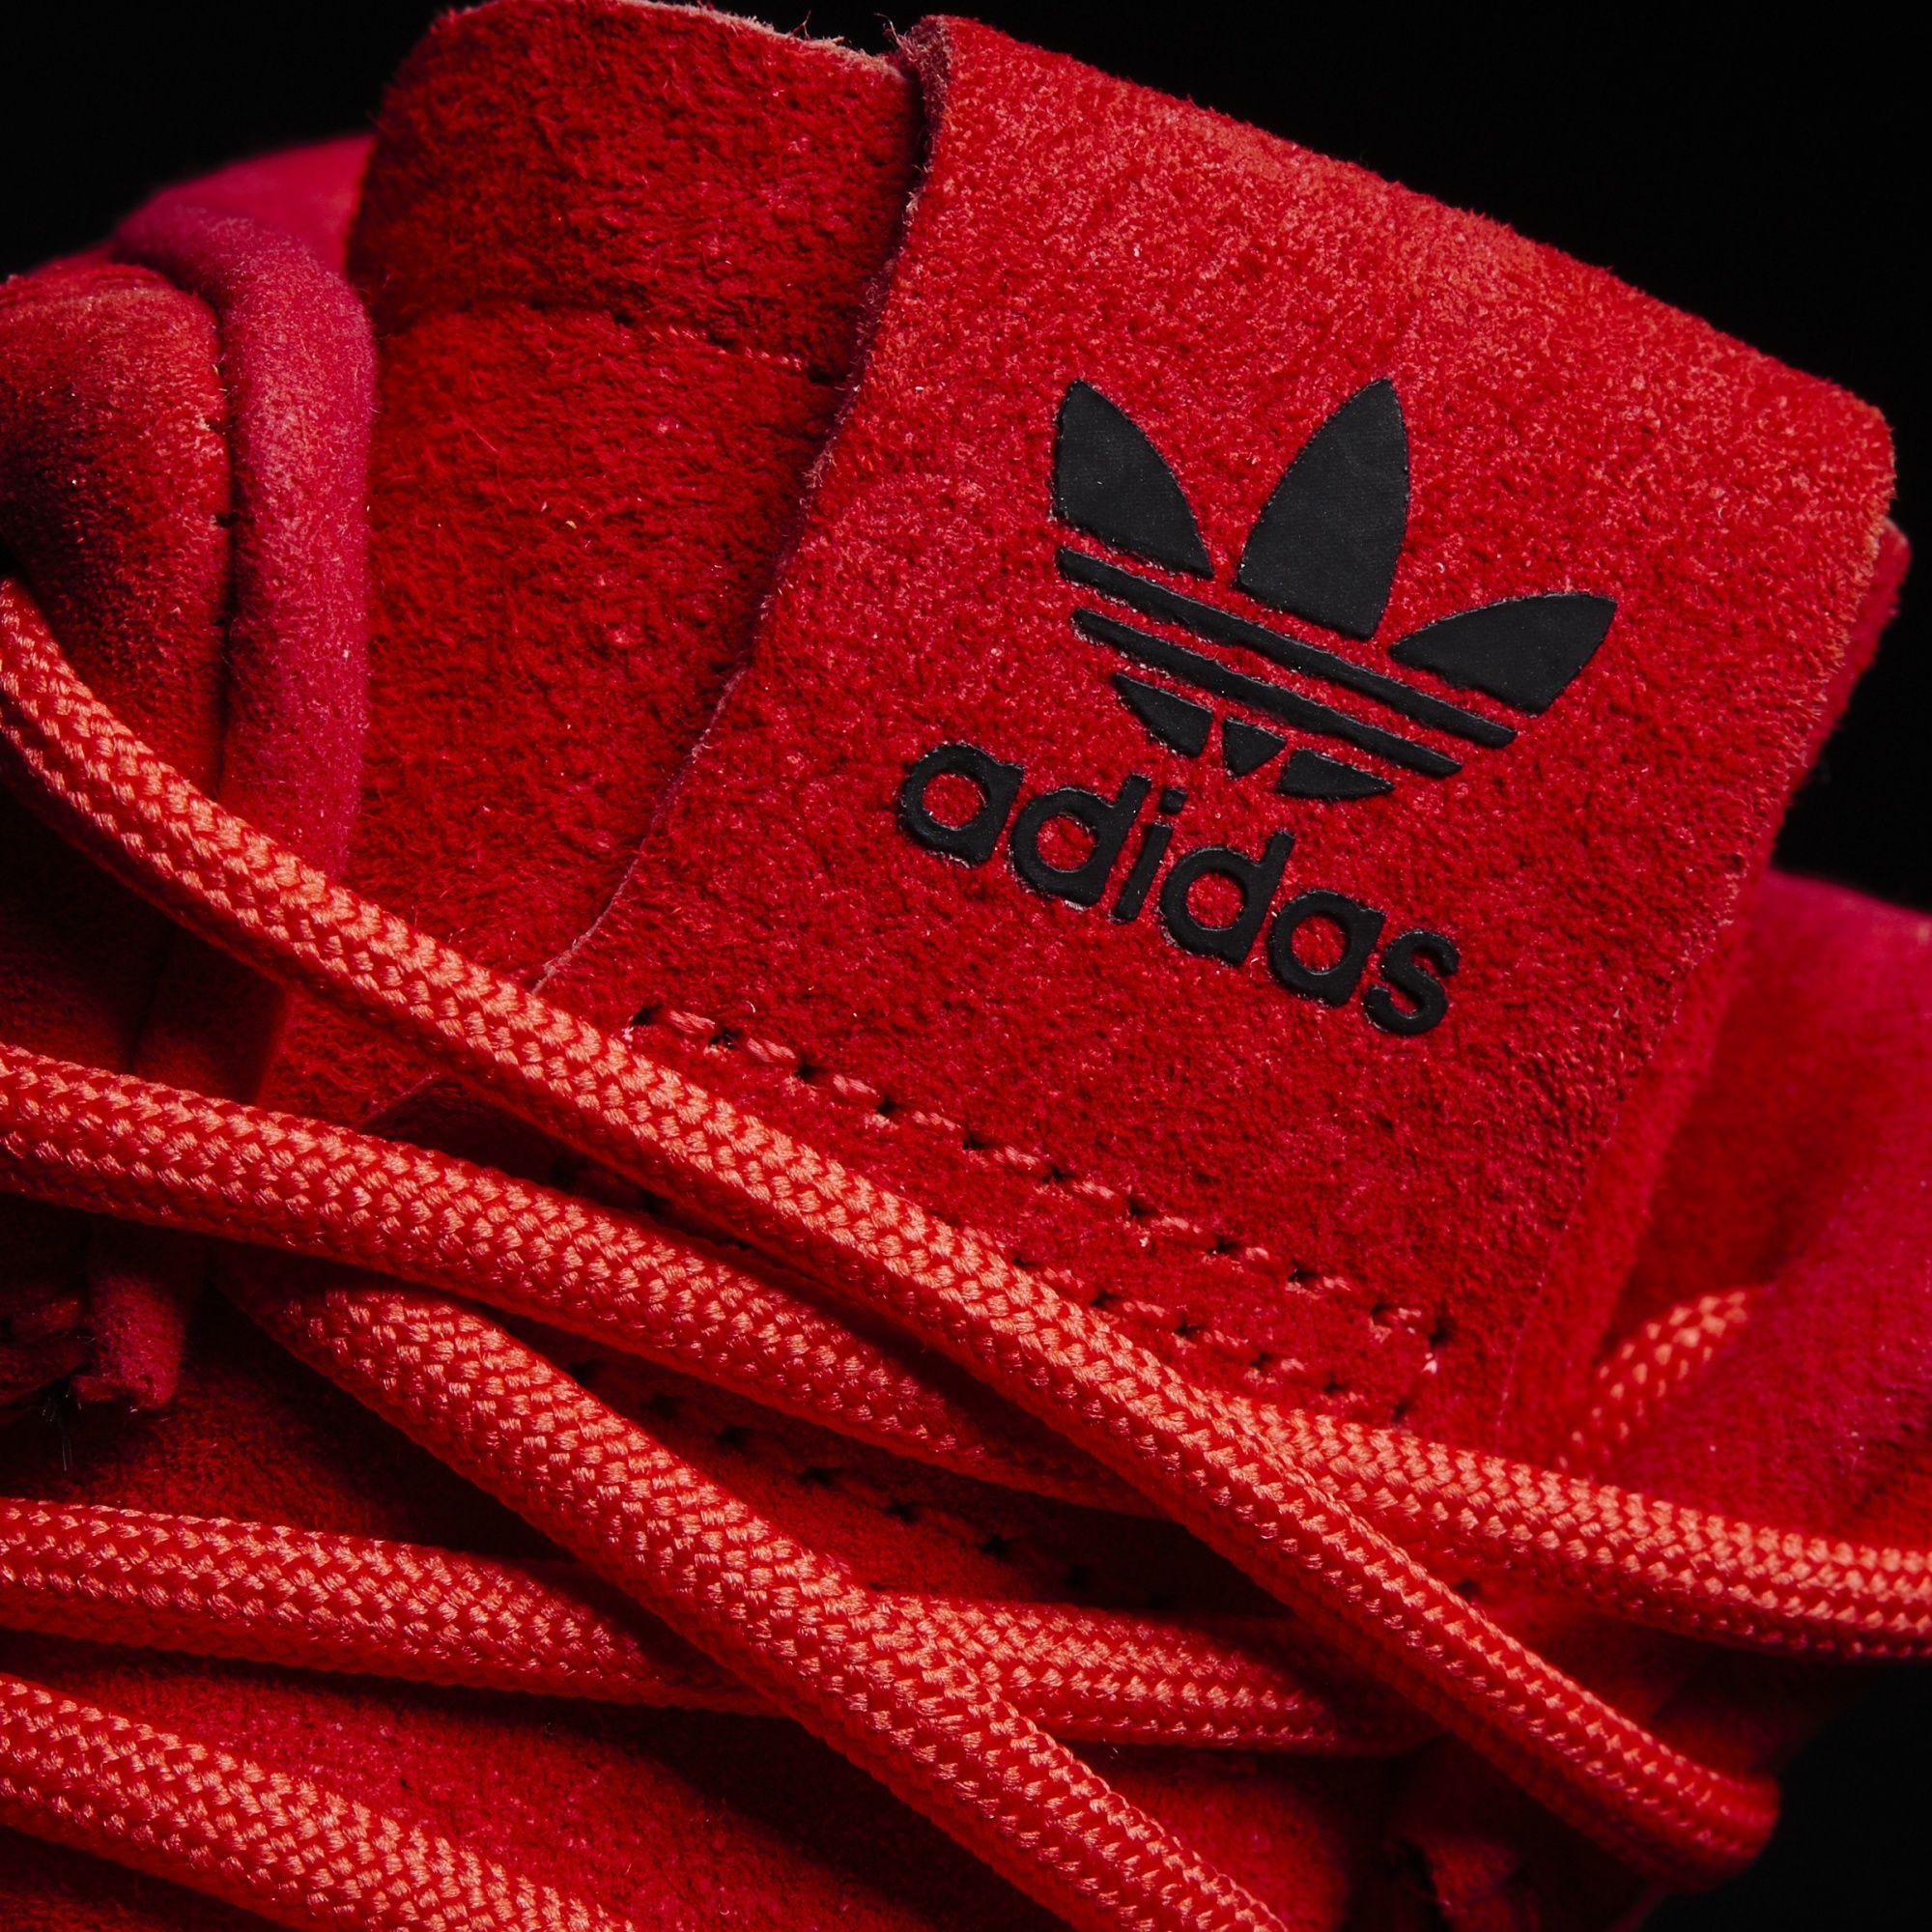 adidas-Tubular-Invader-Red-October-6